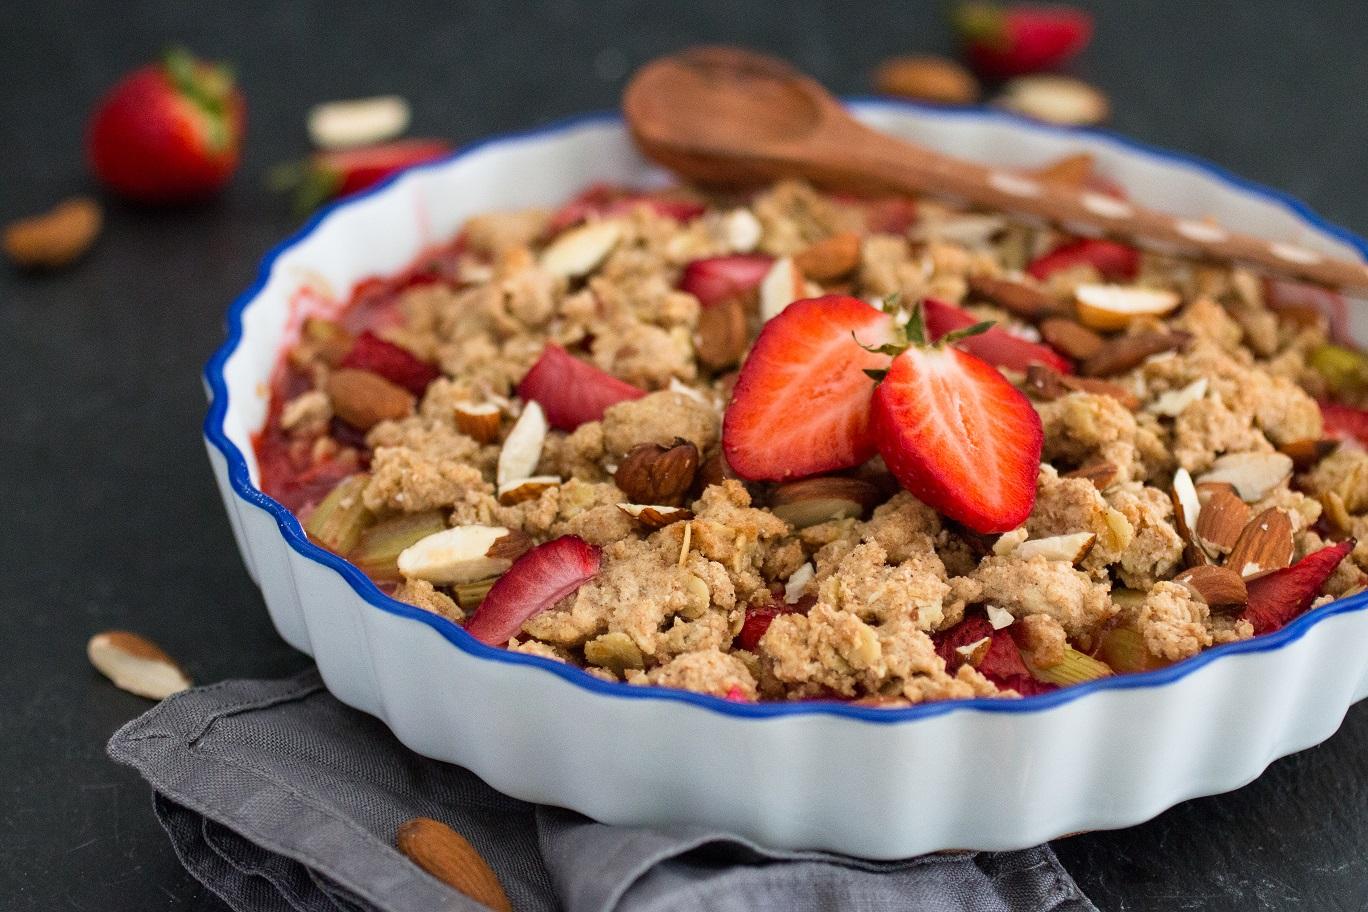 Veganer Rhabarber Erdbeer Crumble mit Mandelsplittern